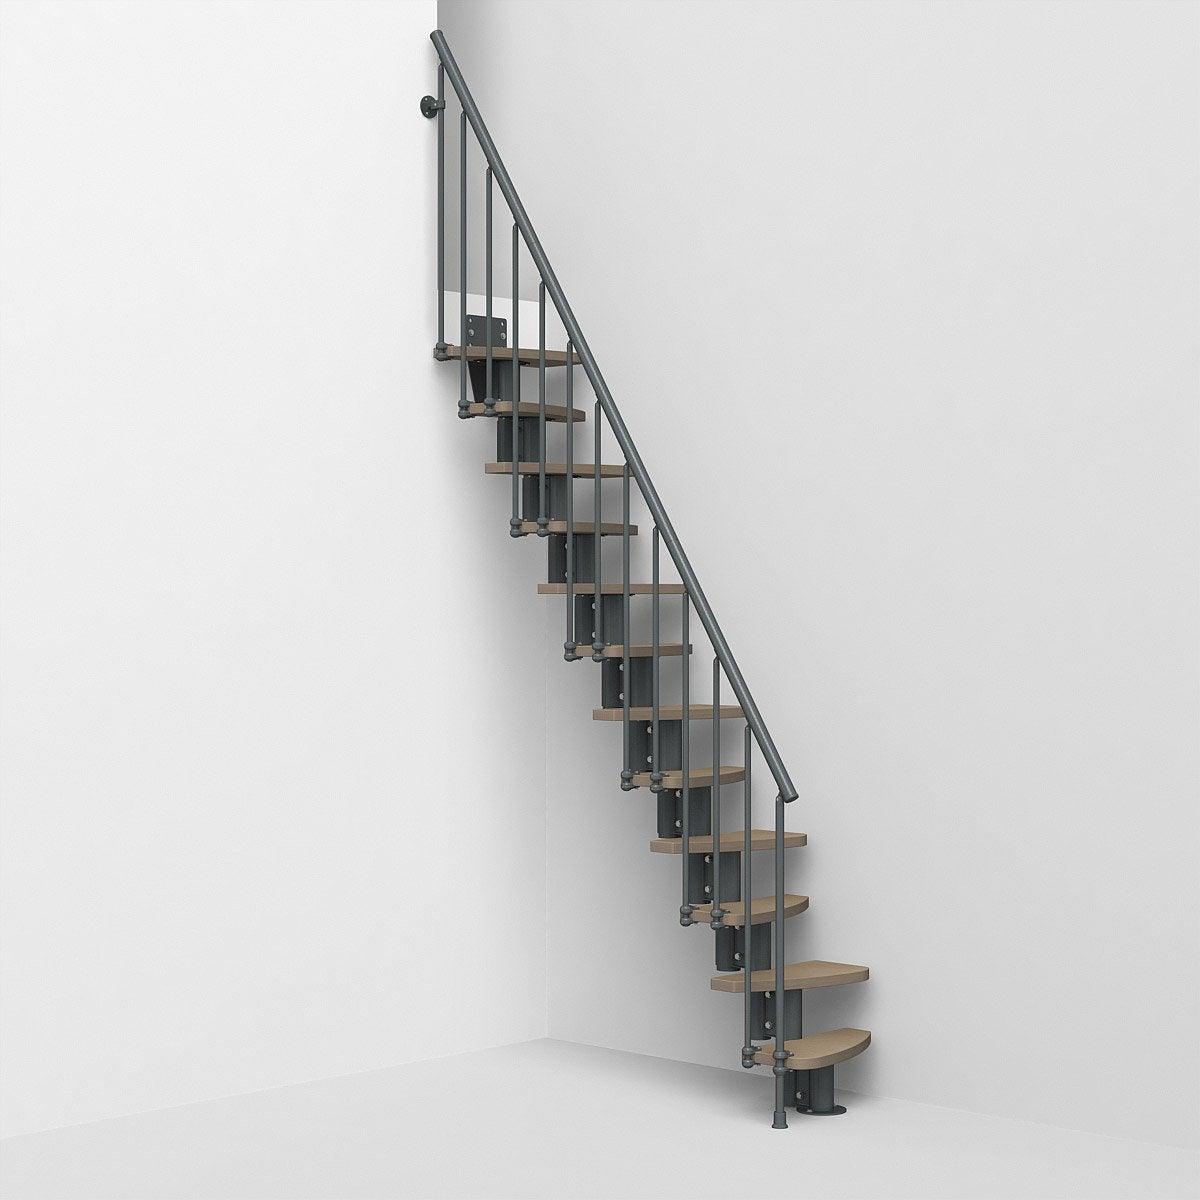 Escalier Droit Rev Acier Gris Ant Zen 2 Colonette 12 Mar Orme